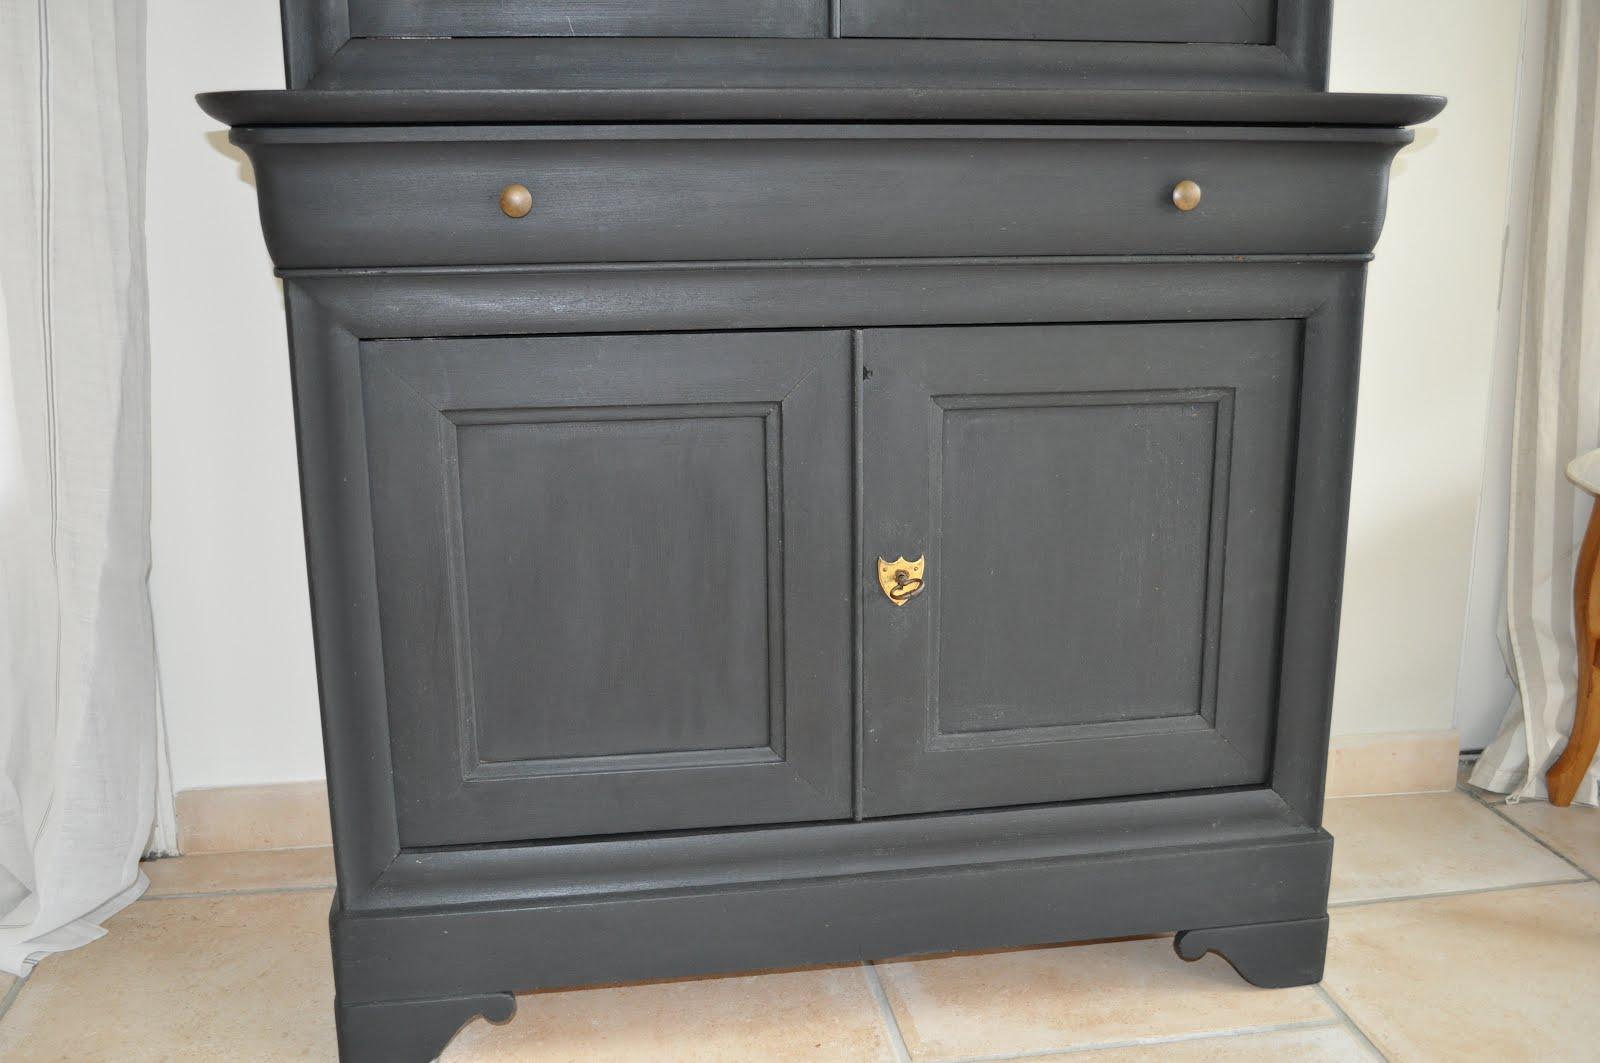 Peinture A Paillette Pour Meuble peindre un meuble en bois : comment optimiser le rendu final ?